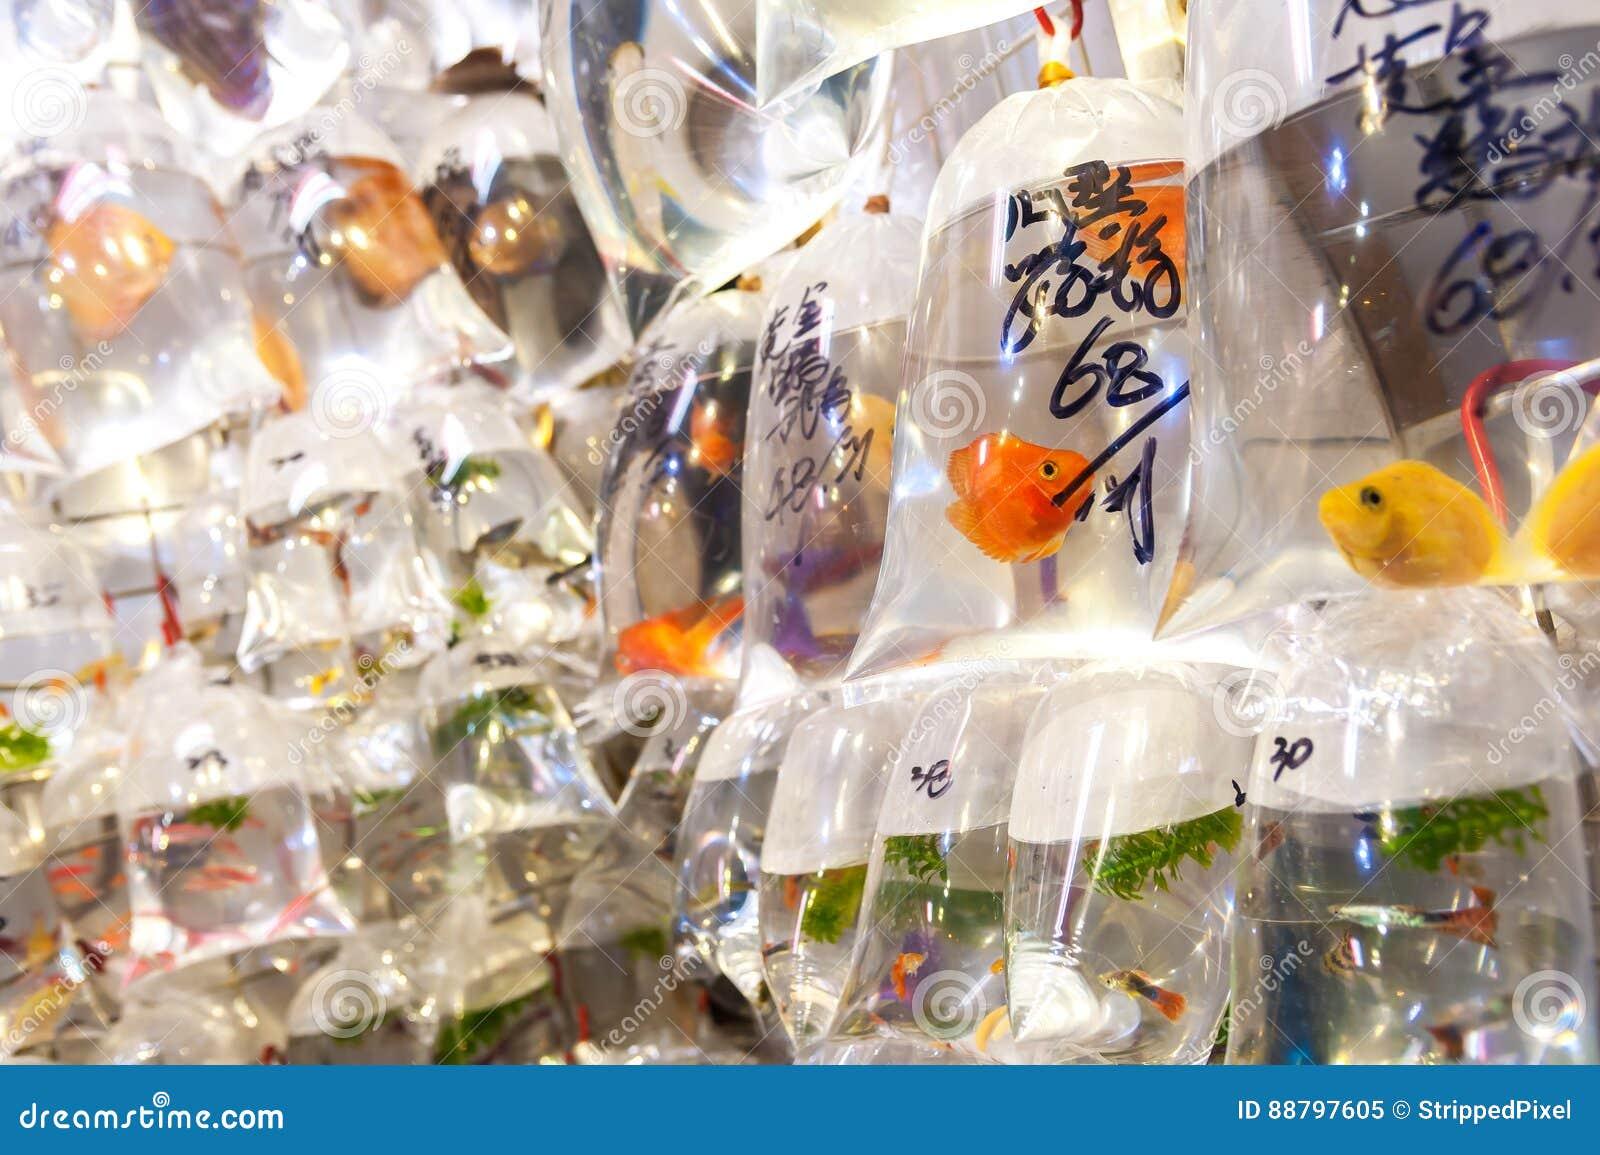 Den tropiska fisken som hänger i plastpåsar på Tung Choi Street, går